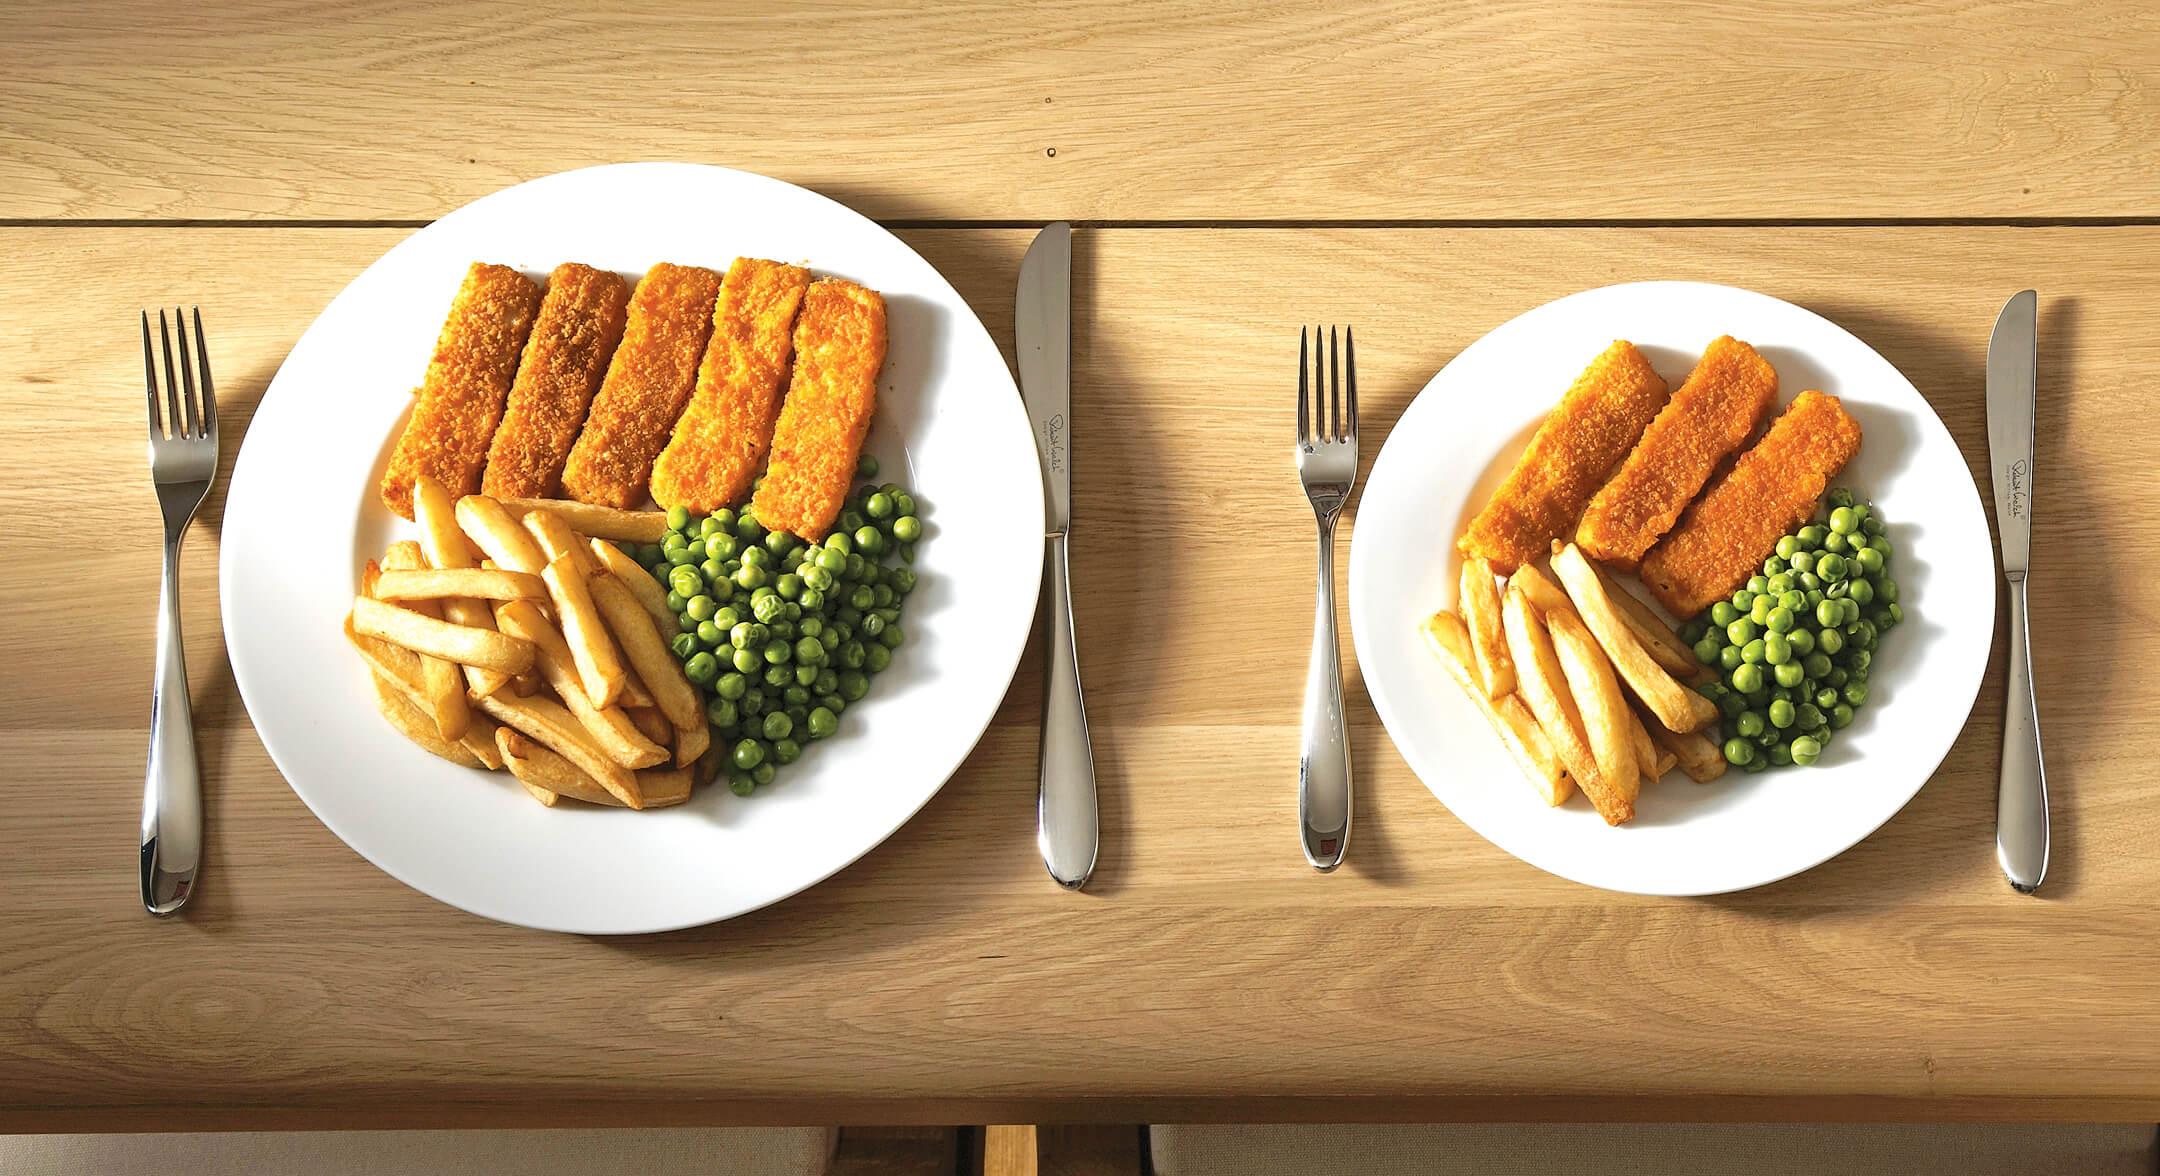 Macam Macam Makanan Rendah Kalori dan Lemak yang Sehat